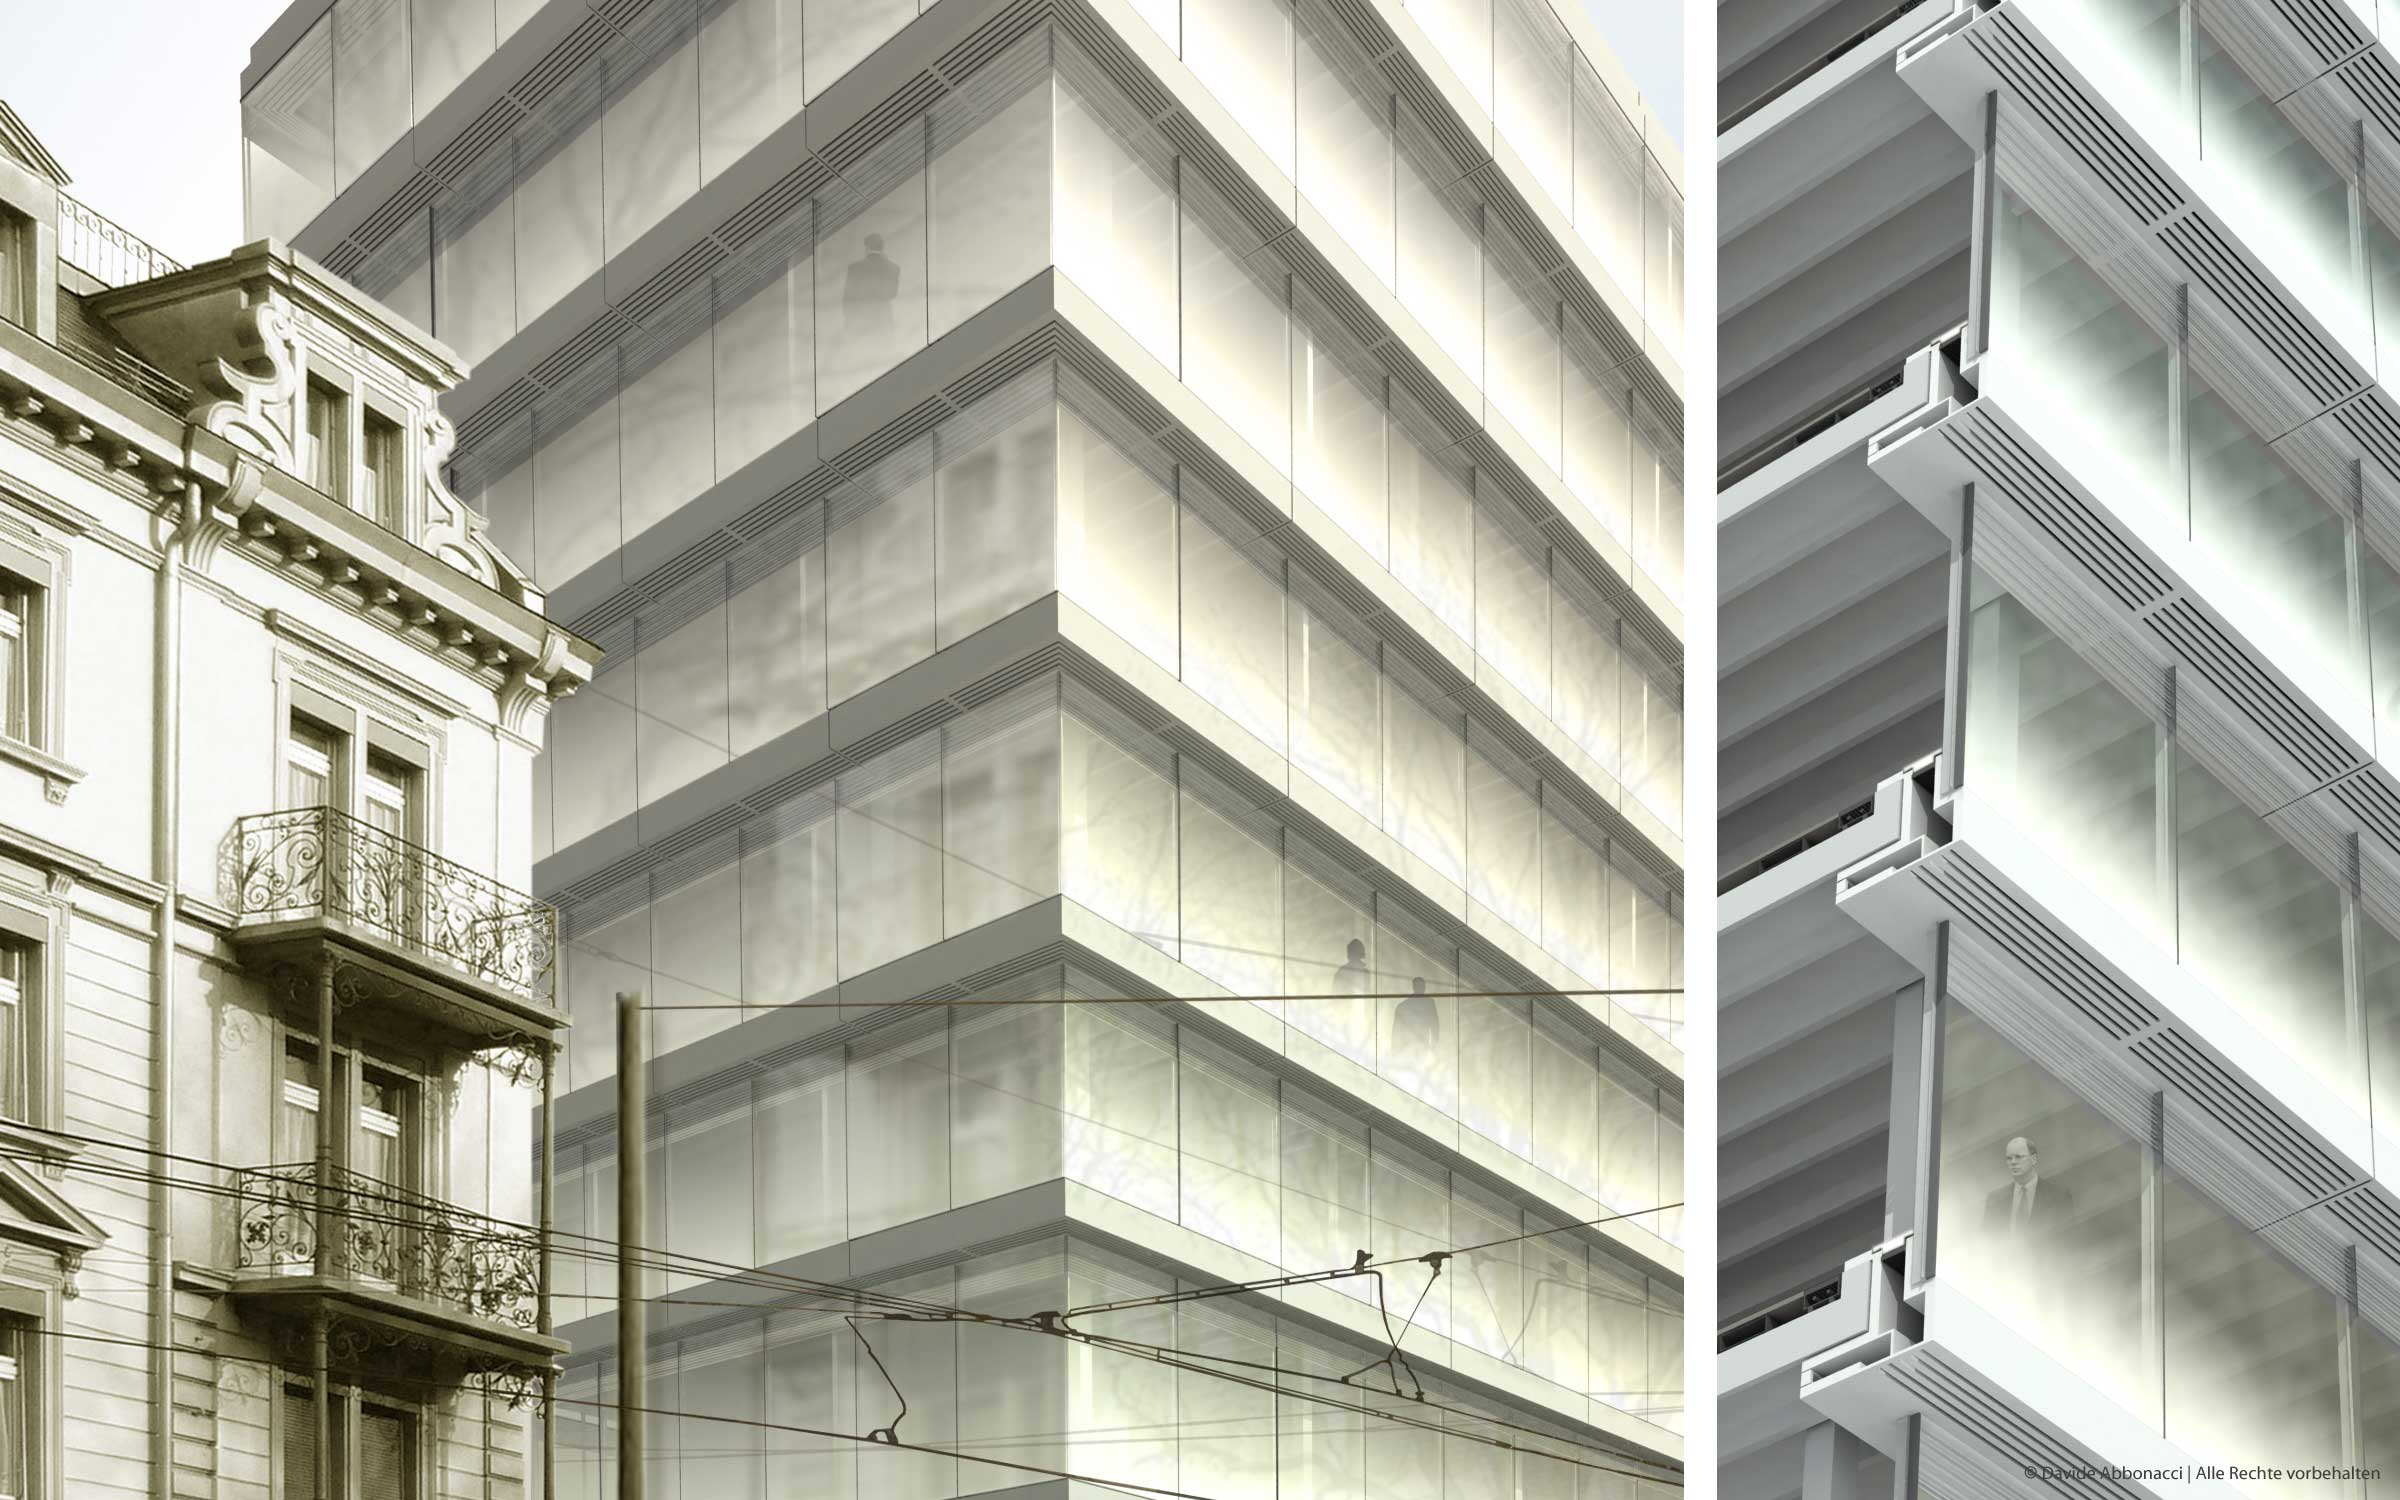 ETH, Zürich | Heide - Von Beckerath - Alberts Architekten | 2007 Wettbewerbsvisualisierung